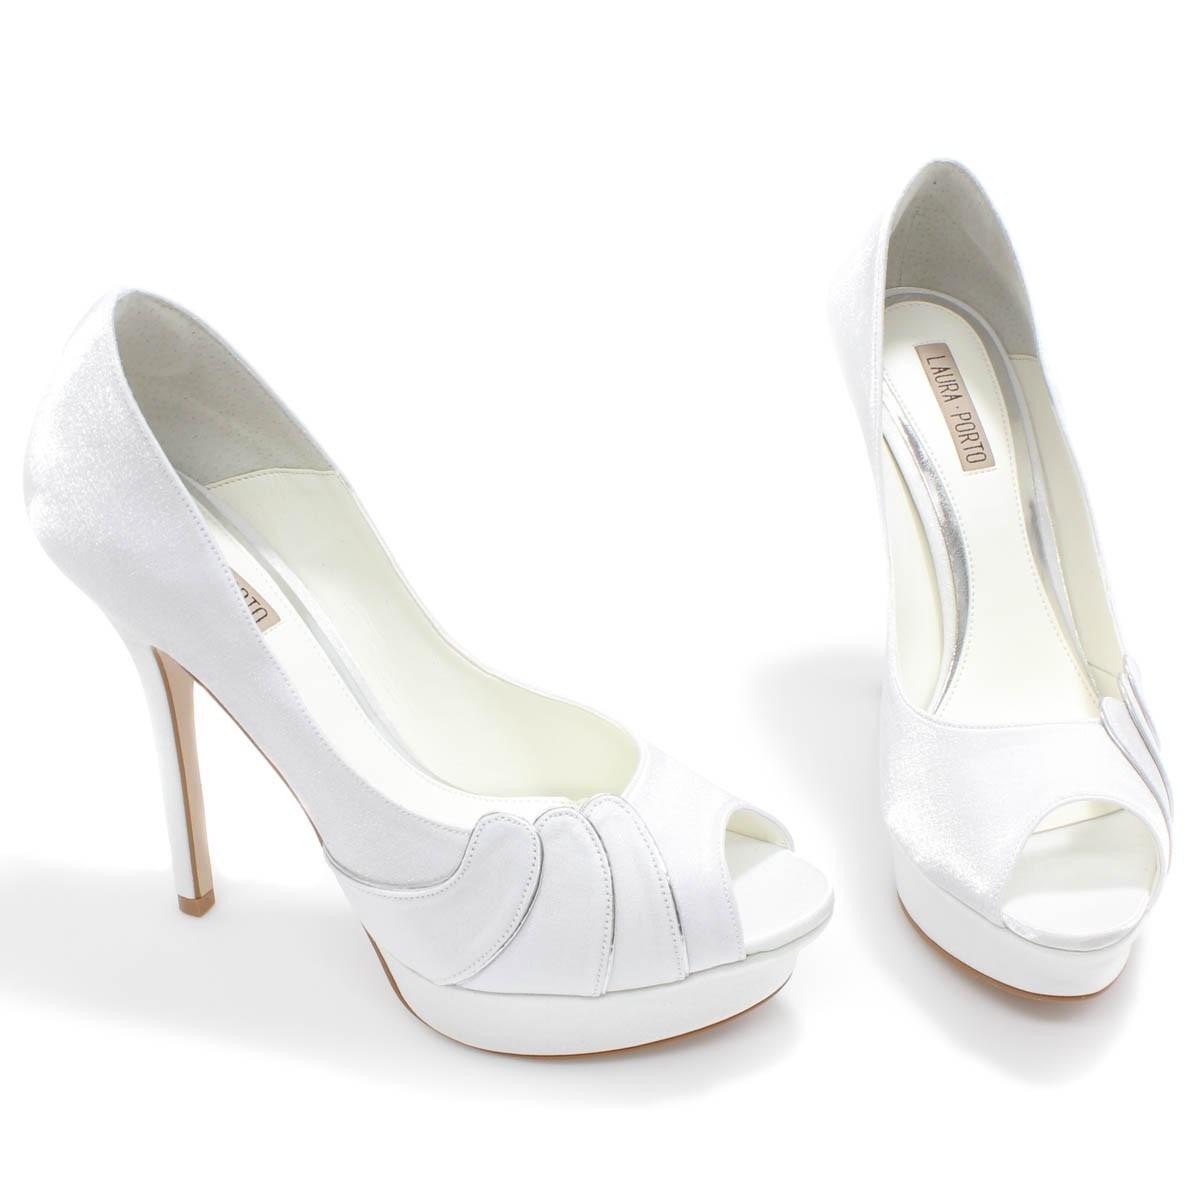 9a751fd040 Sapato De Noiva Laura Porto Peep Toe Mt 9498 Branco